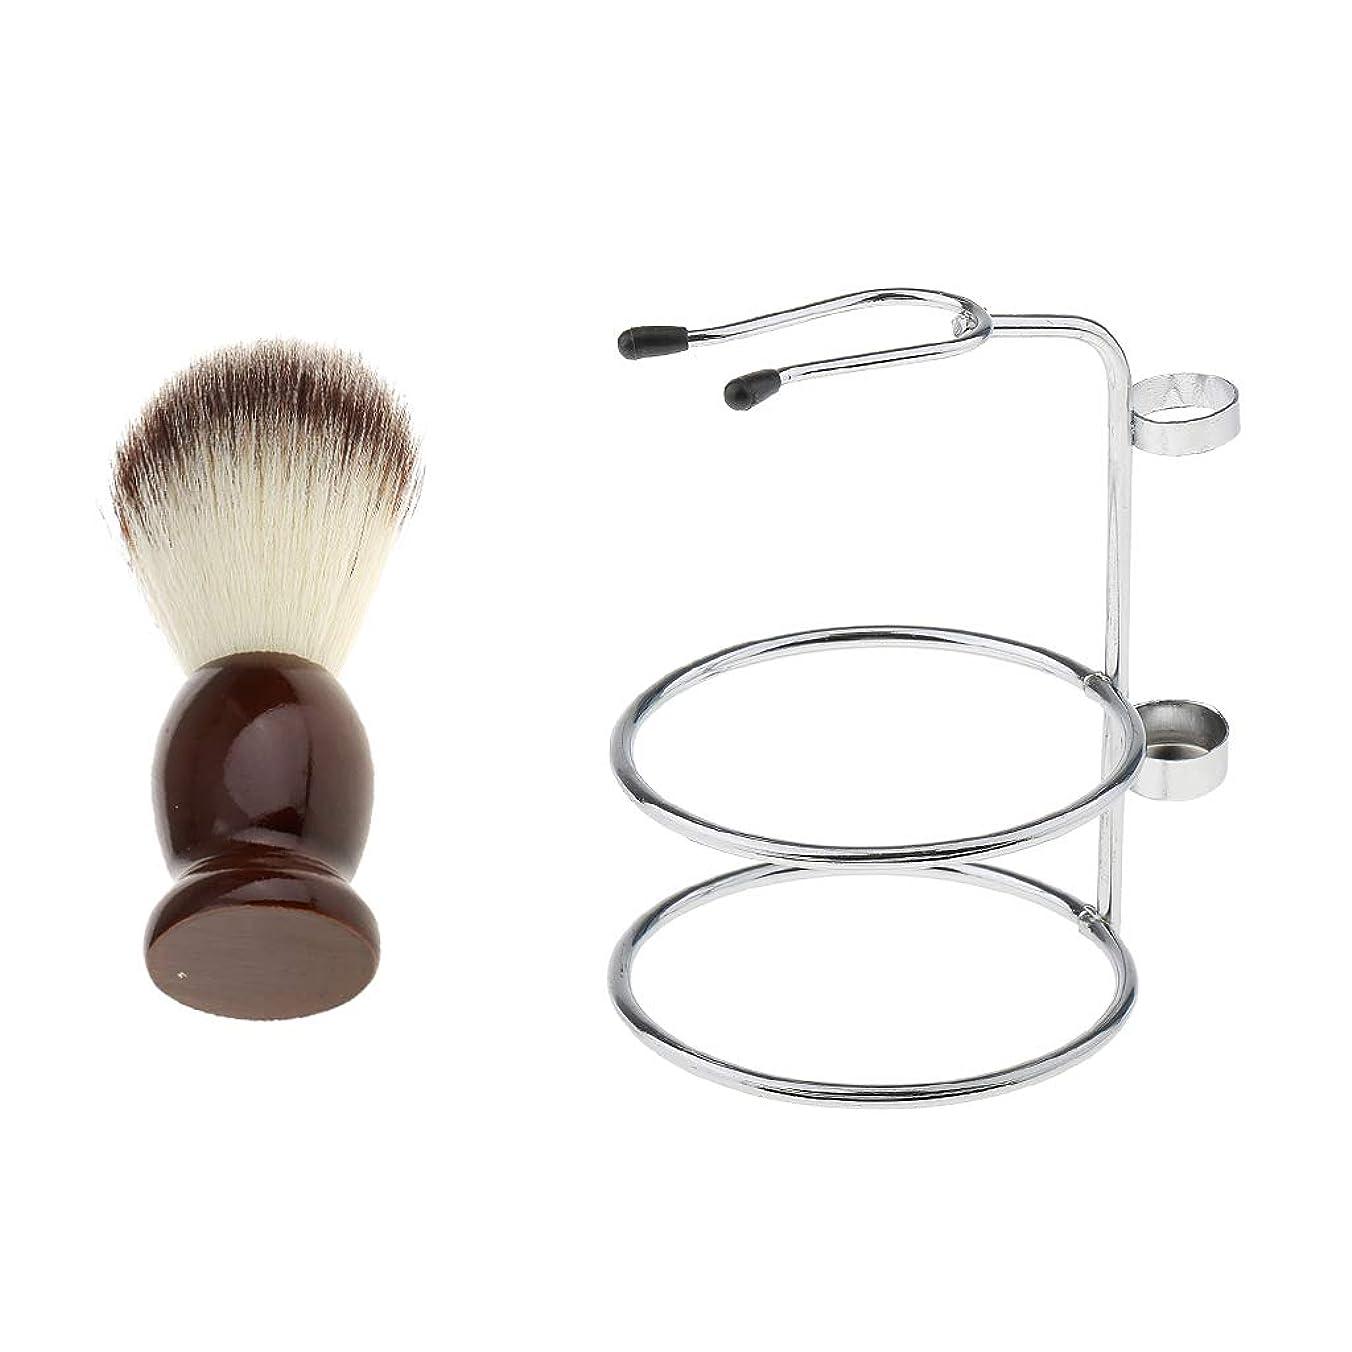 ピルファー重要なしないchiwanji シェービングブラシスタンド シェービングブラシ 洗顔 髭剃り メンズ シェービング用アクセサリー